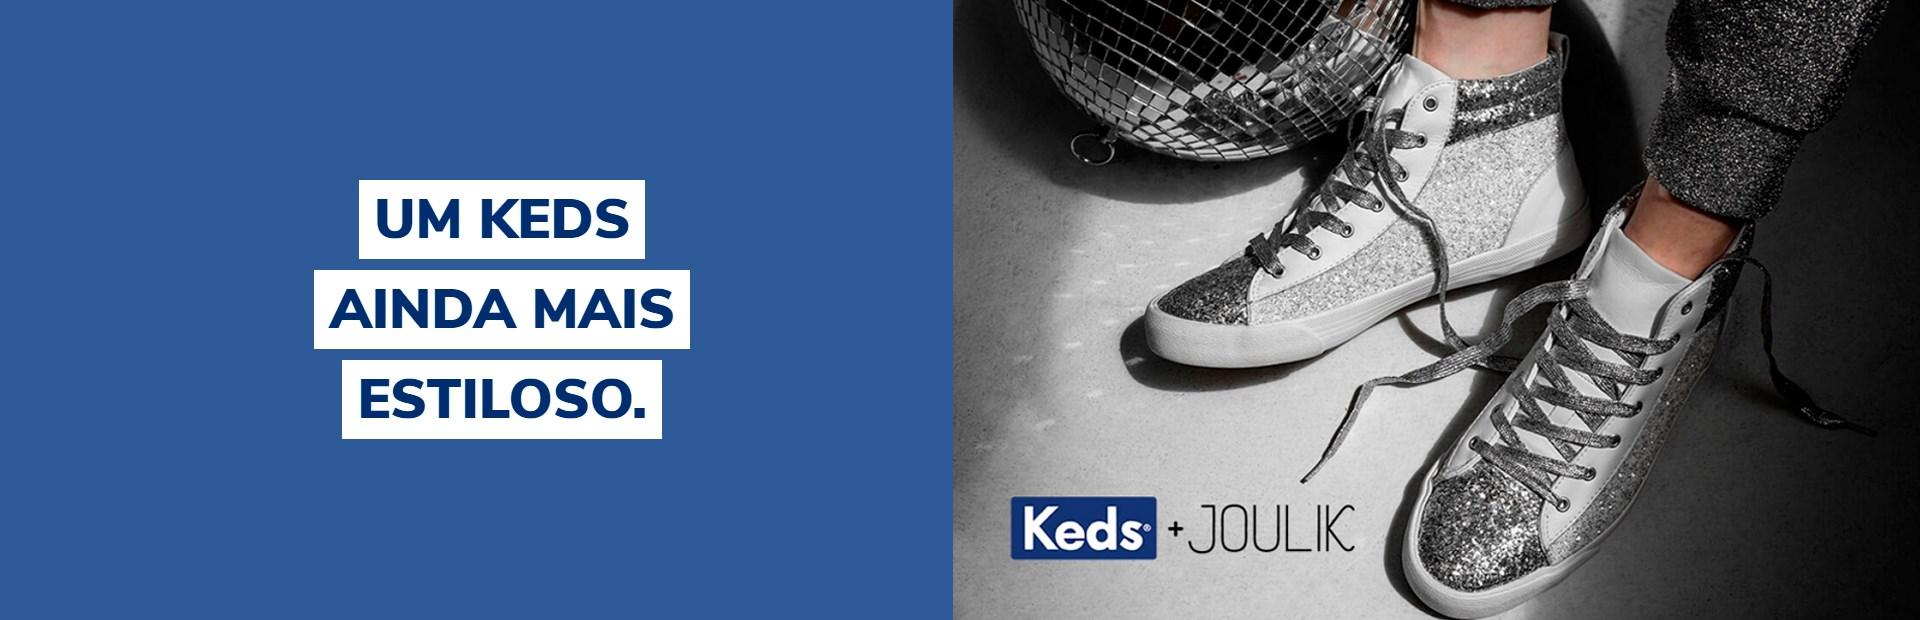 Keds + Joulik